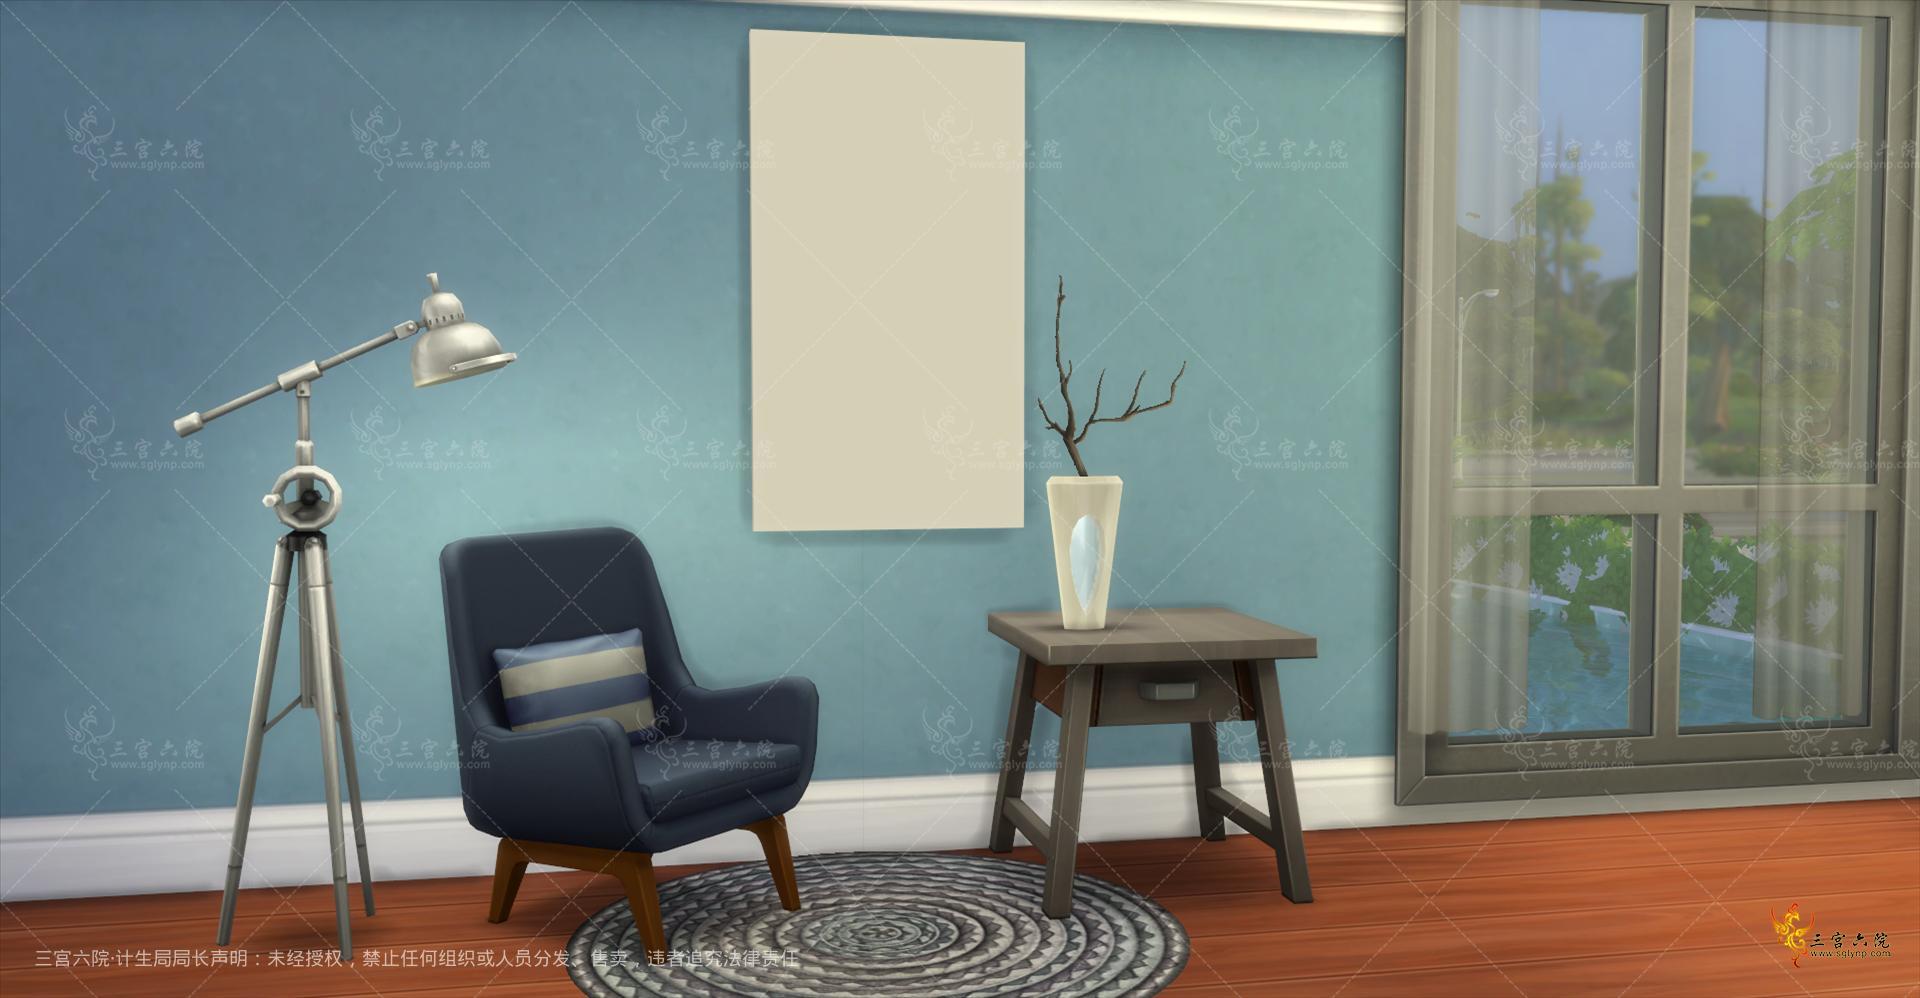 Sims 4 Screenshot 2021.08.19 - 10.46.08.47.png